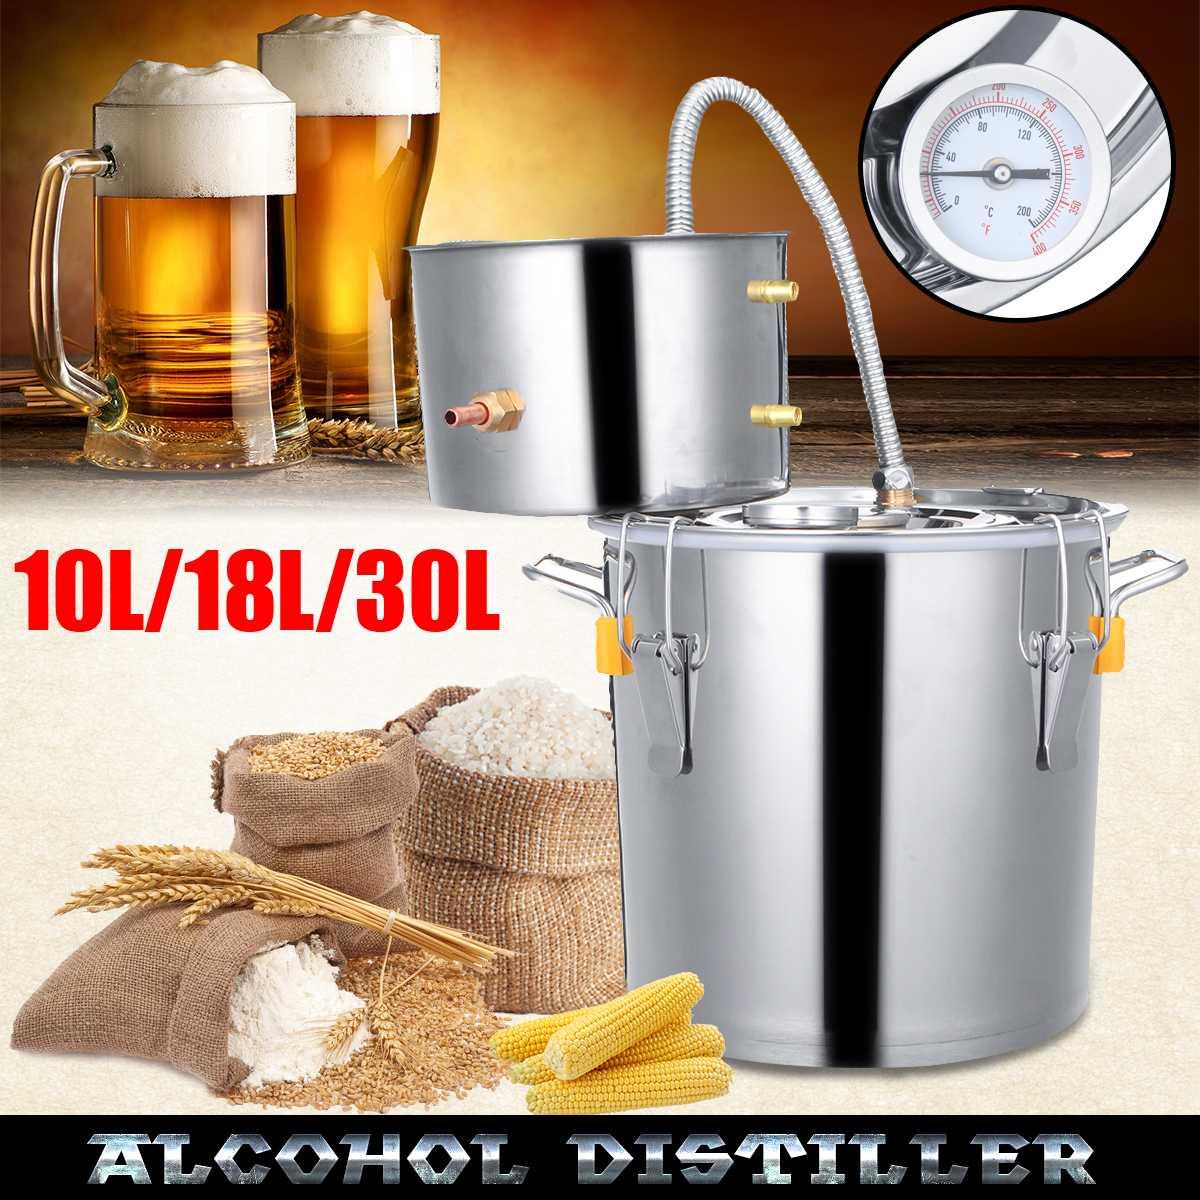 10L/18L/30L distillateur d'alcool vin bière alcool maison bricolage Kit de brassage maison distillateur inoxydable distillateur équipement accessoires